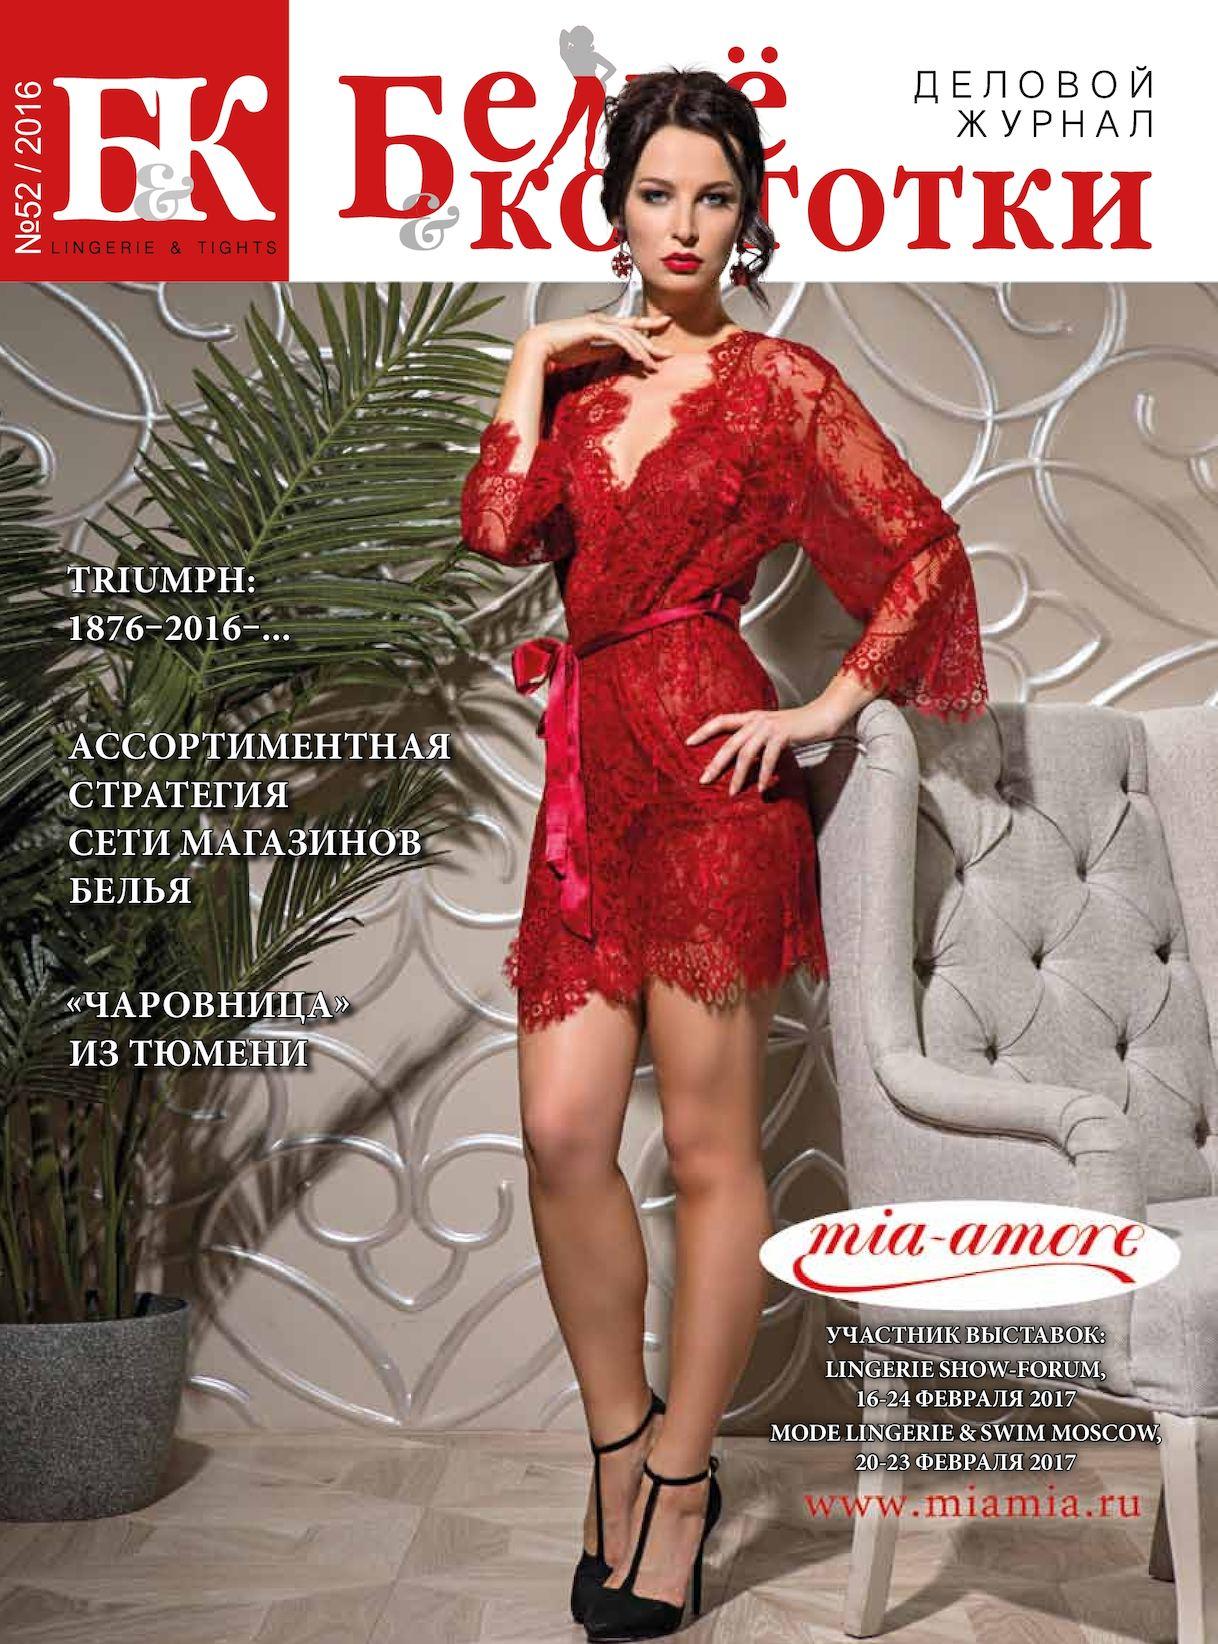 Российский деловой журнал «Белье и колготки» № 52